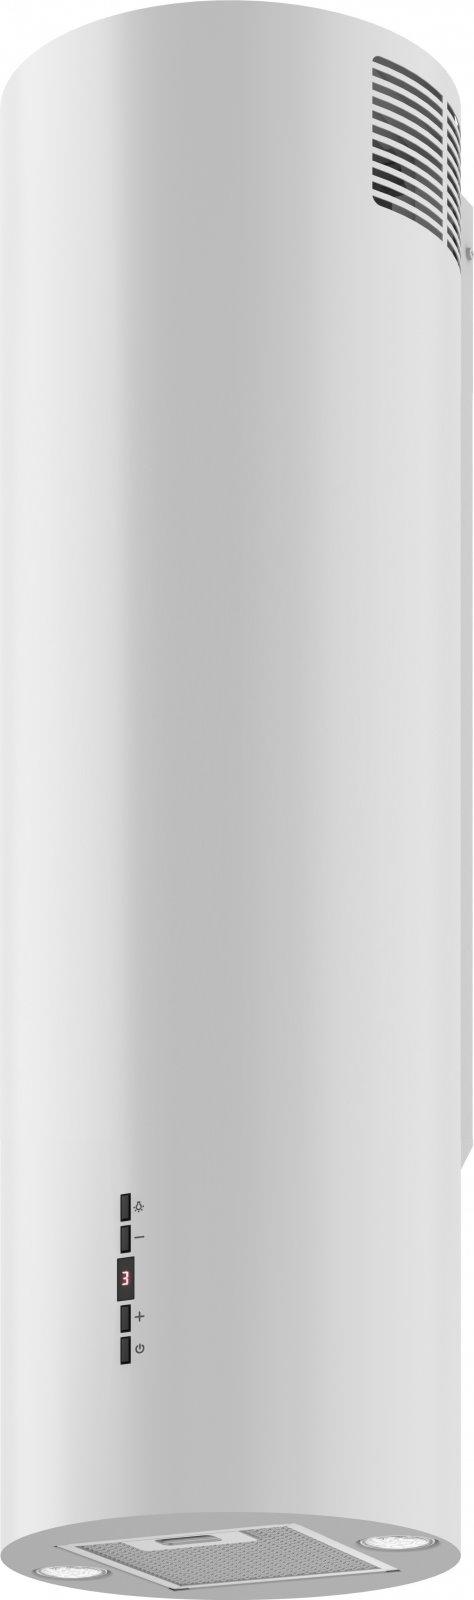 Вытяжка подвесная Weissgauff Tubus 90 White